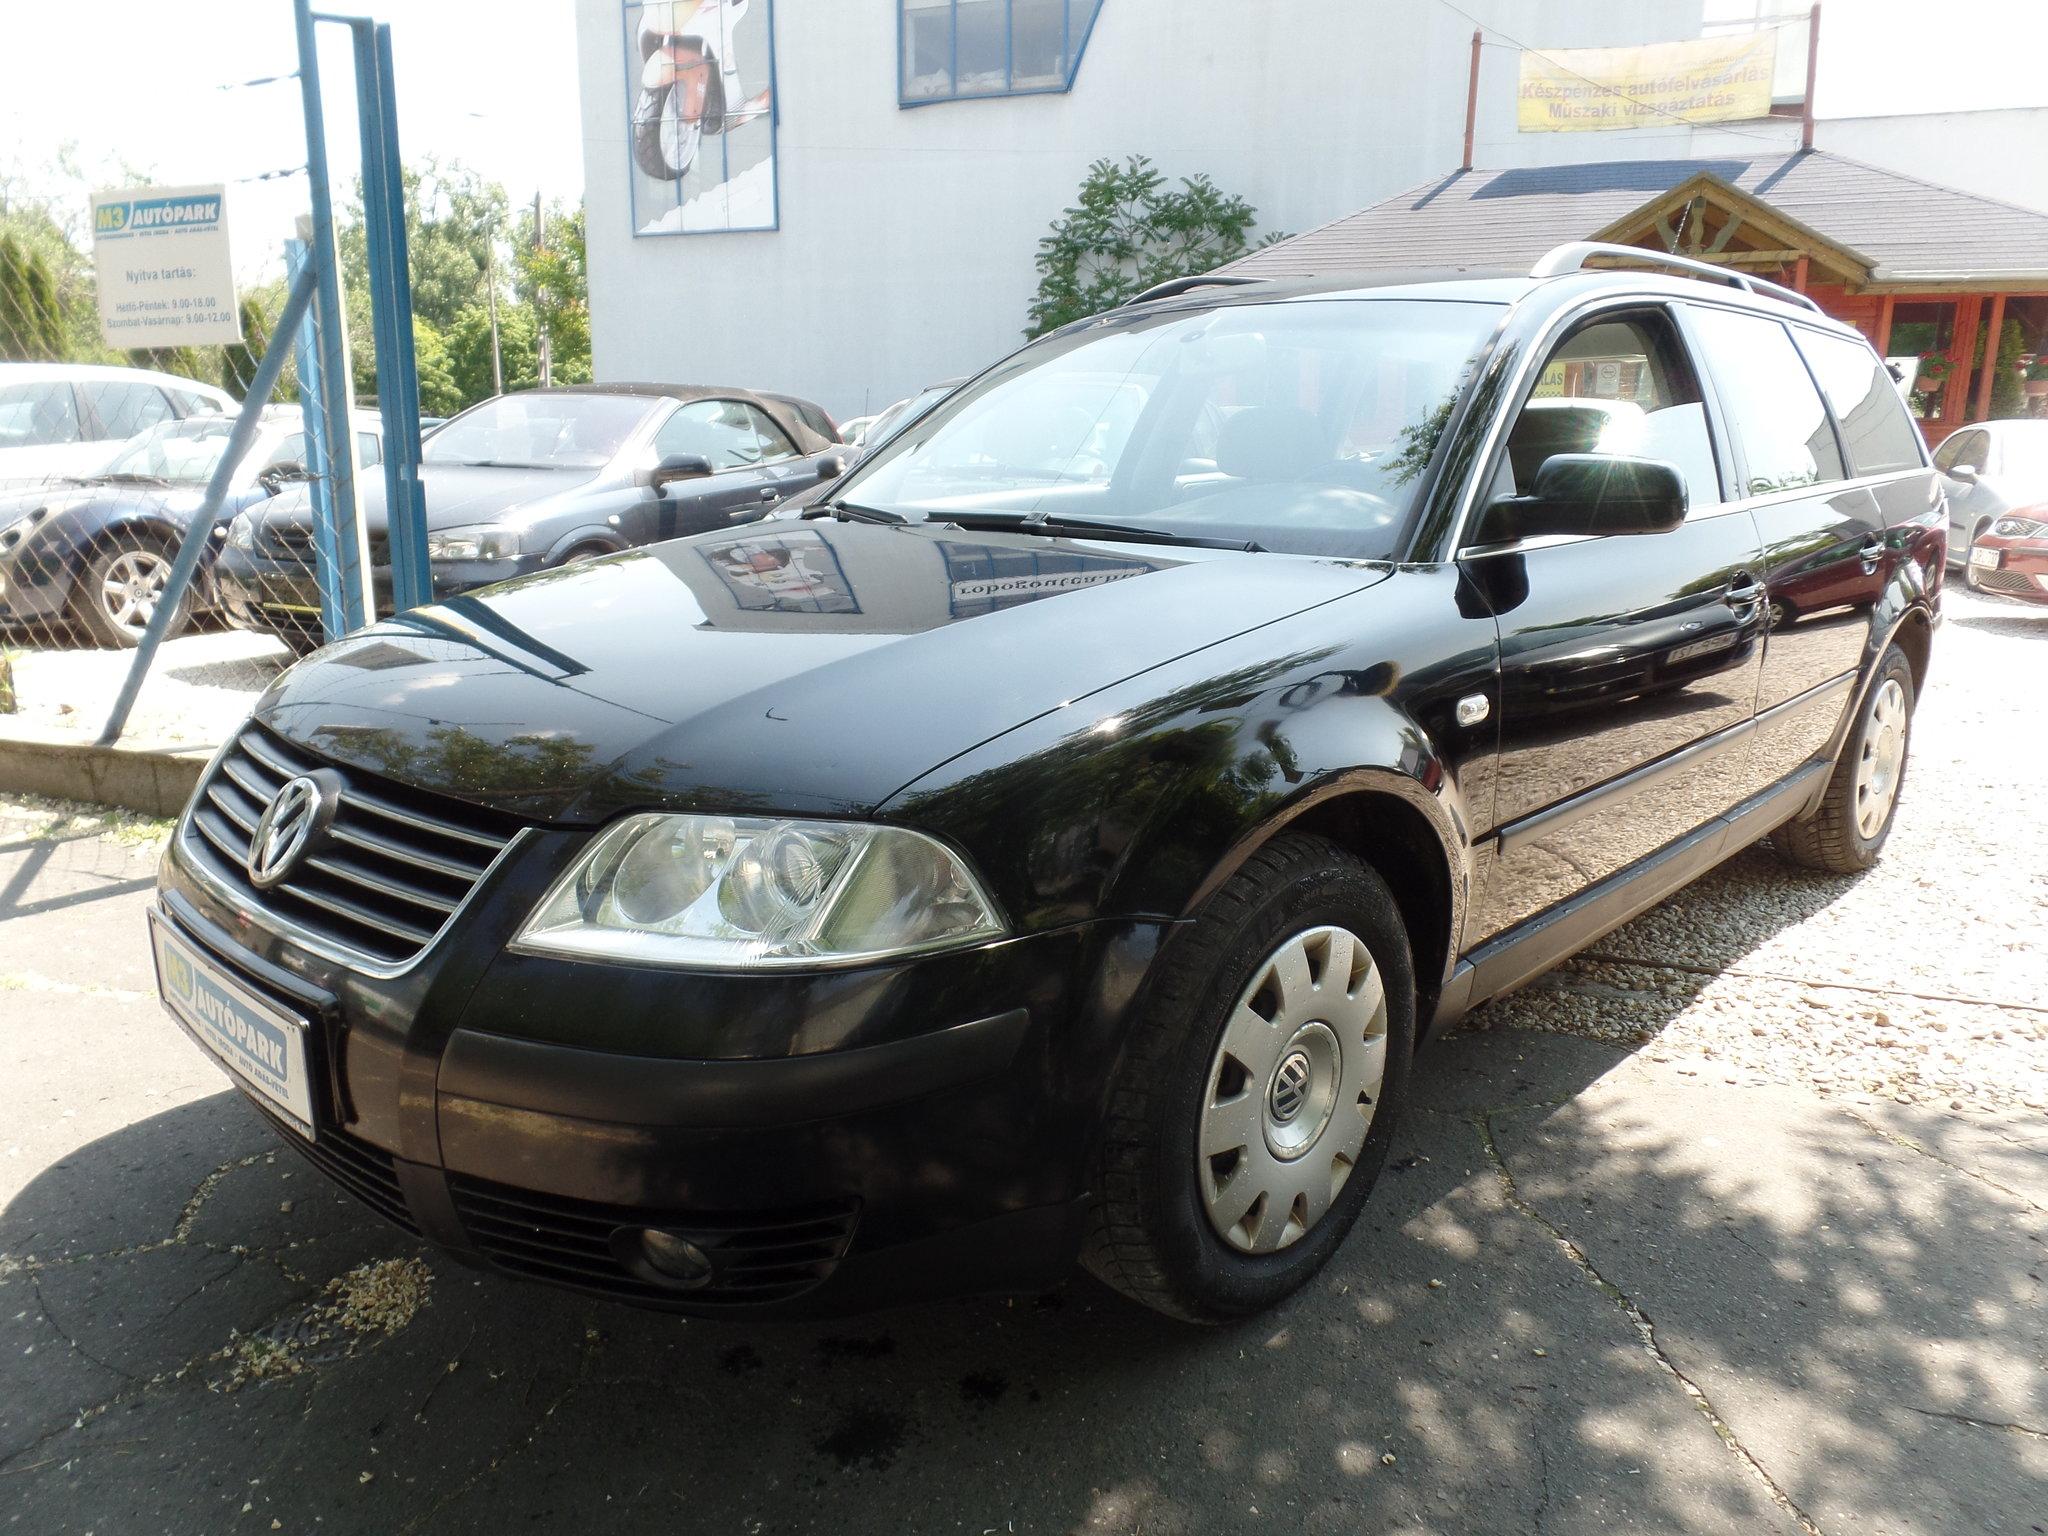 5d24fd6c5f Használtautó adás-vétel - volkswagen passat 1.9 TDI 2003 dízel –  autófelvásárlás id2751